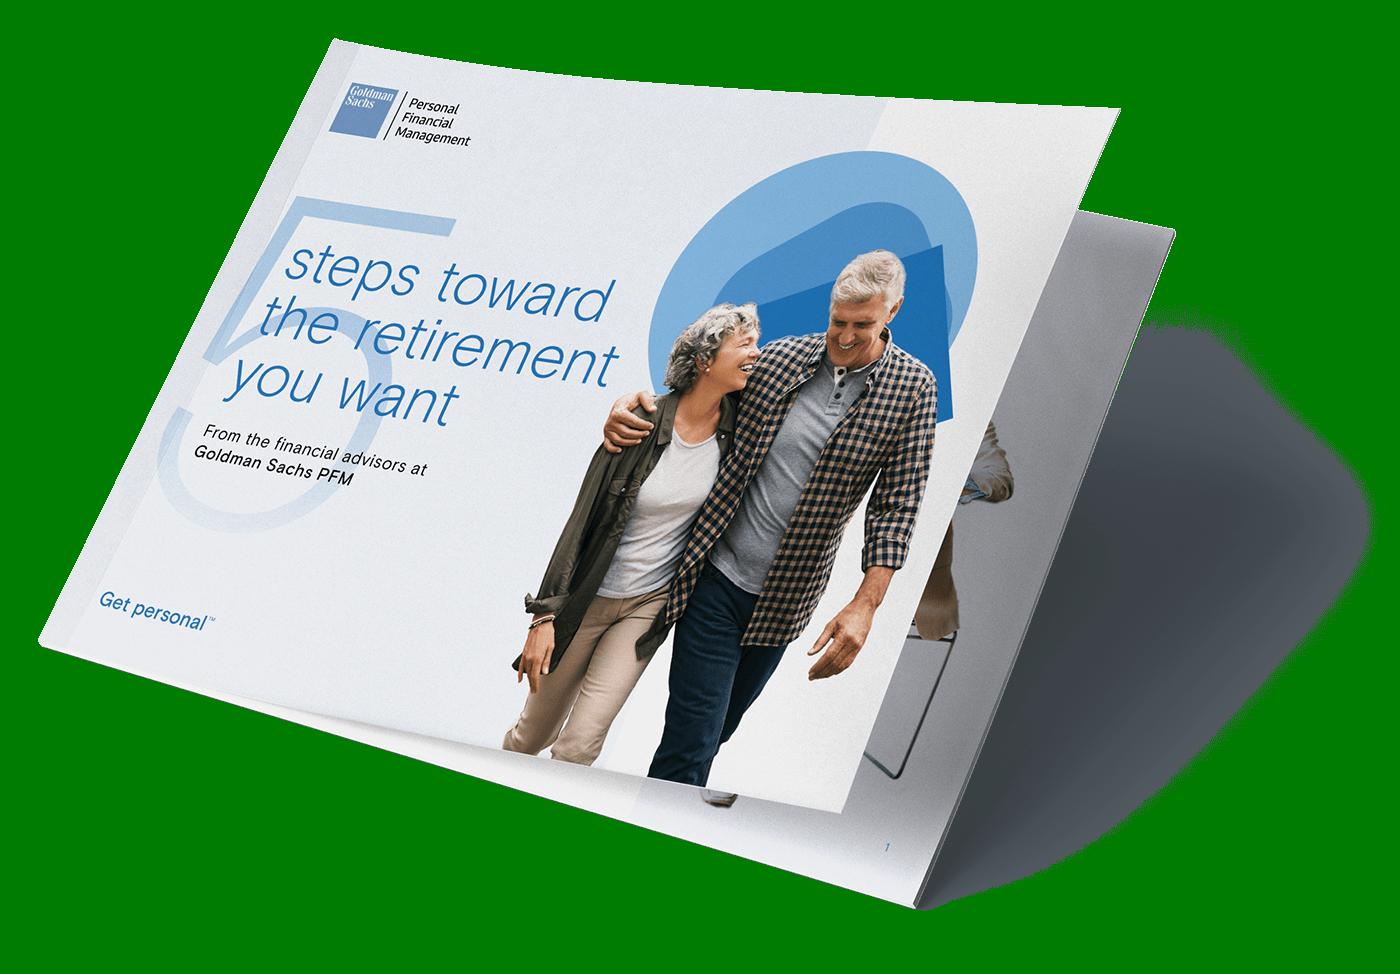 GS PFM Retirement Guide landing page 1